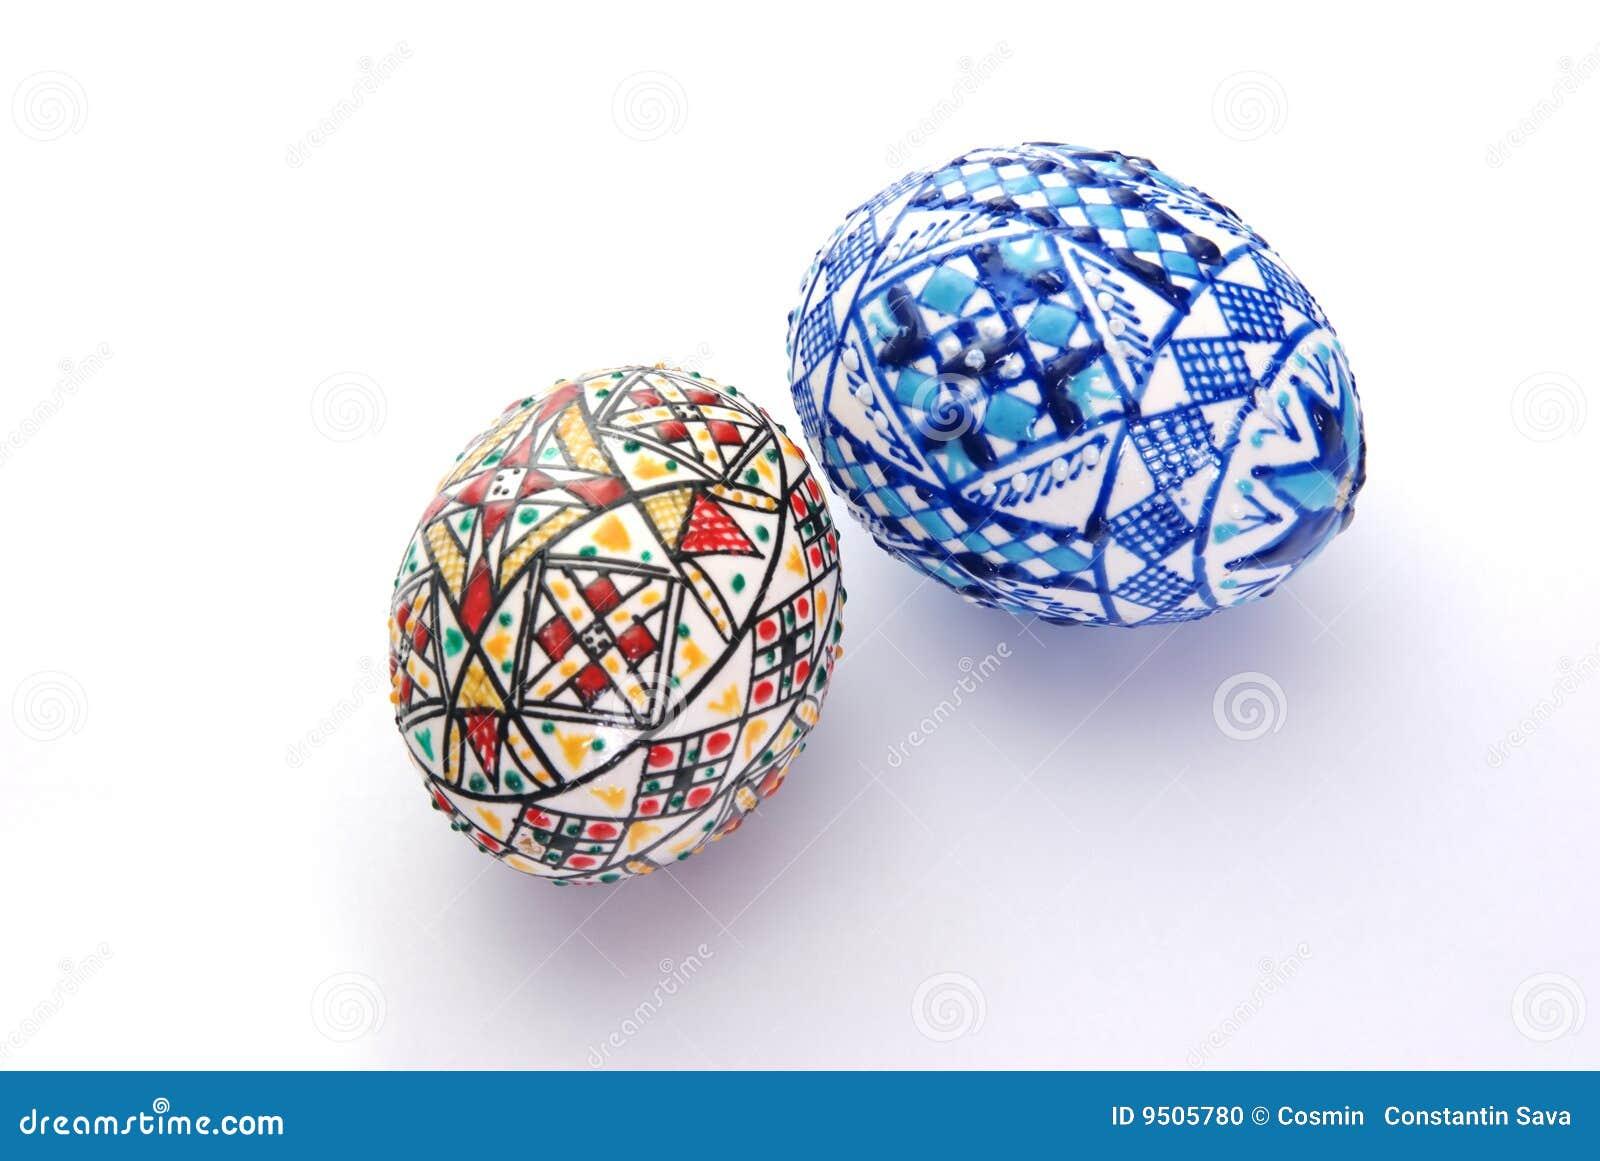 Uova di pasqua decorate fotografia stock immagine 9505780 - Pasqua uova decorate ...